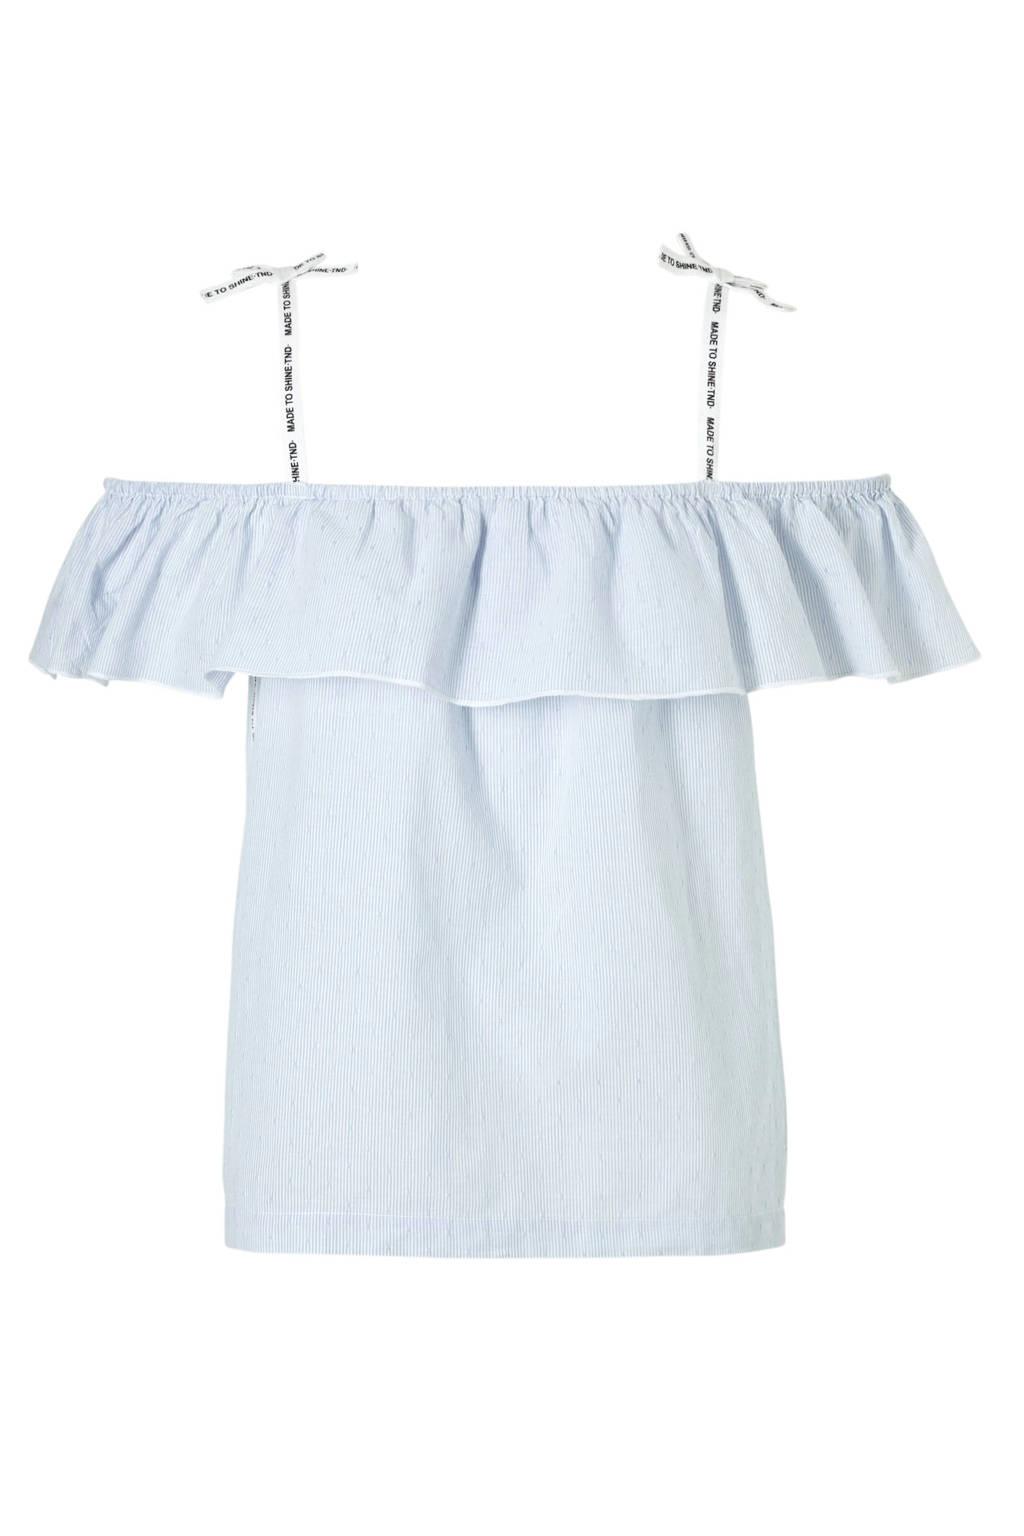 Tumble 'n Dry Hi gestreepte open shoulder top Belfi blauw, Blauw/wit